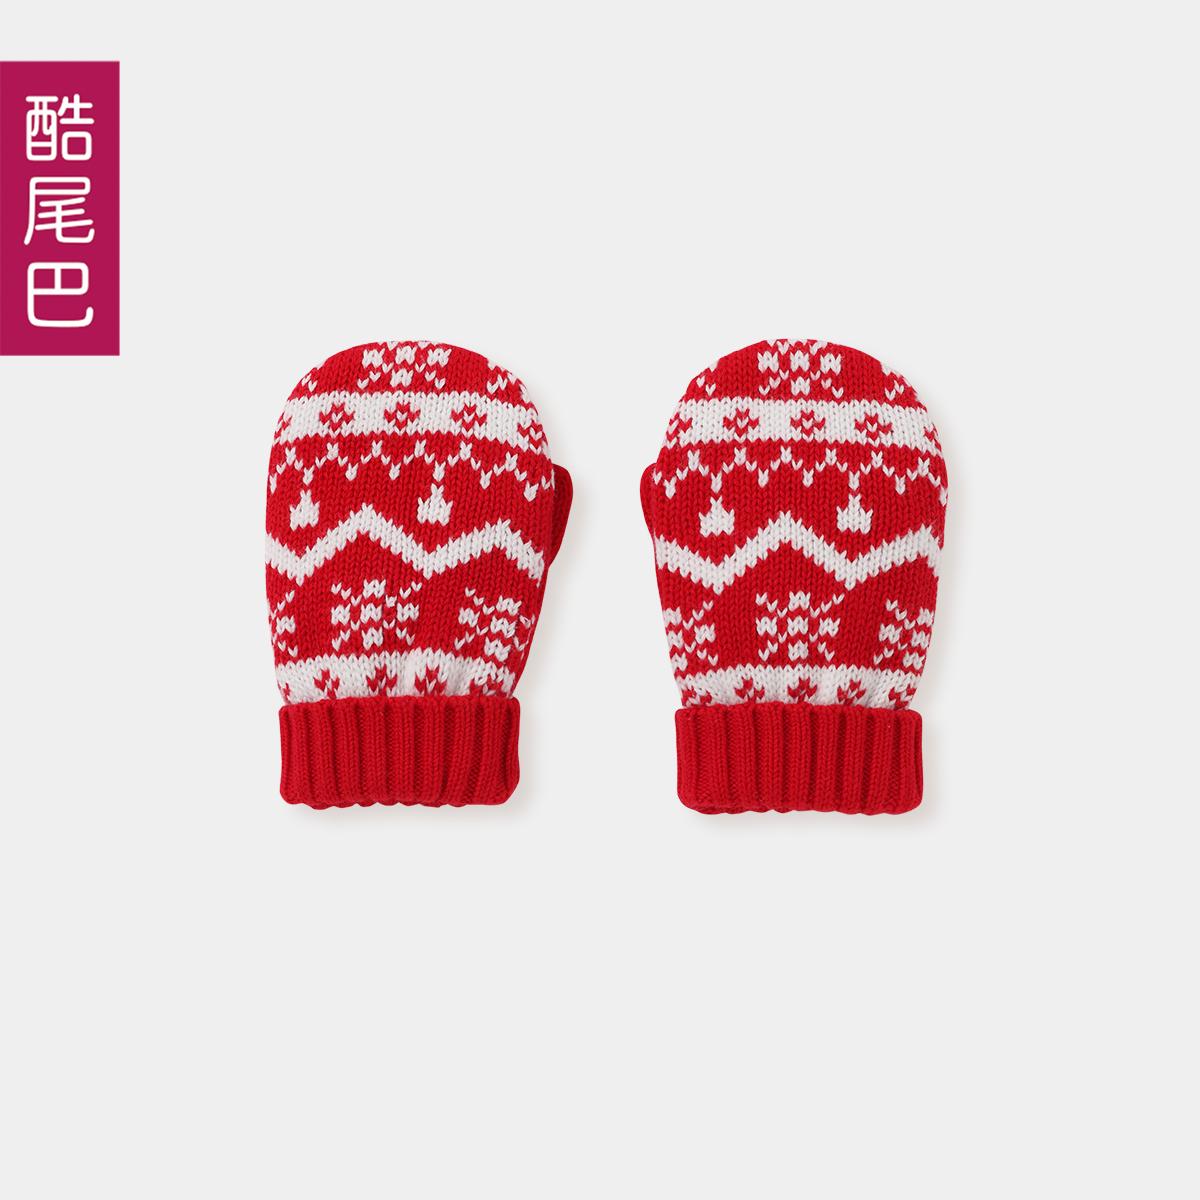 酷尾巴 婴儿保暖手套秋冬1-3岁宝宝冬季防寒保暖手套